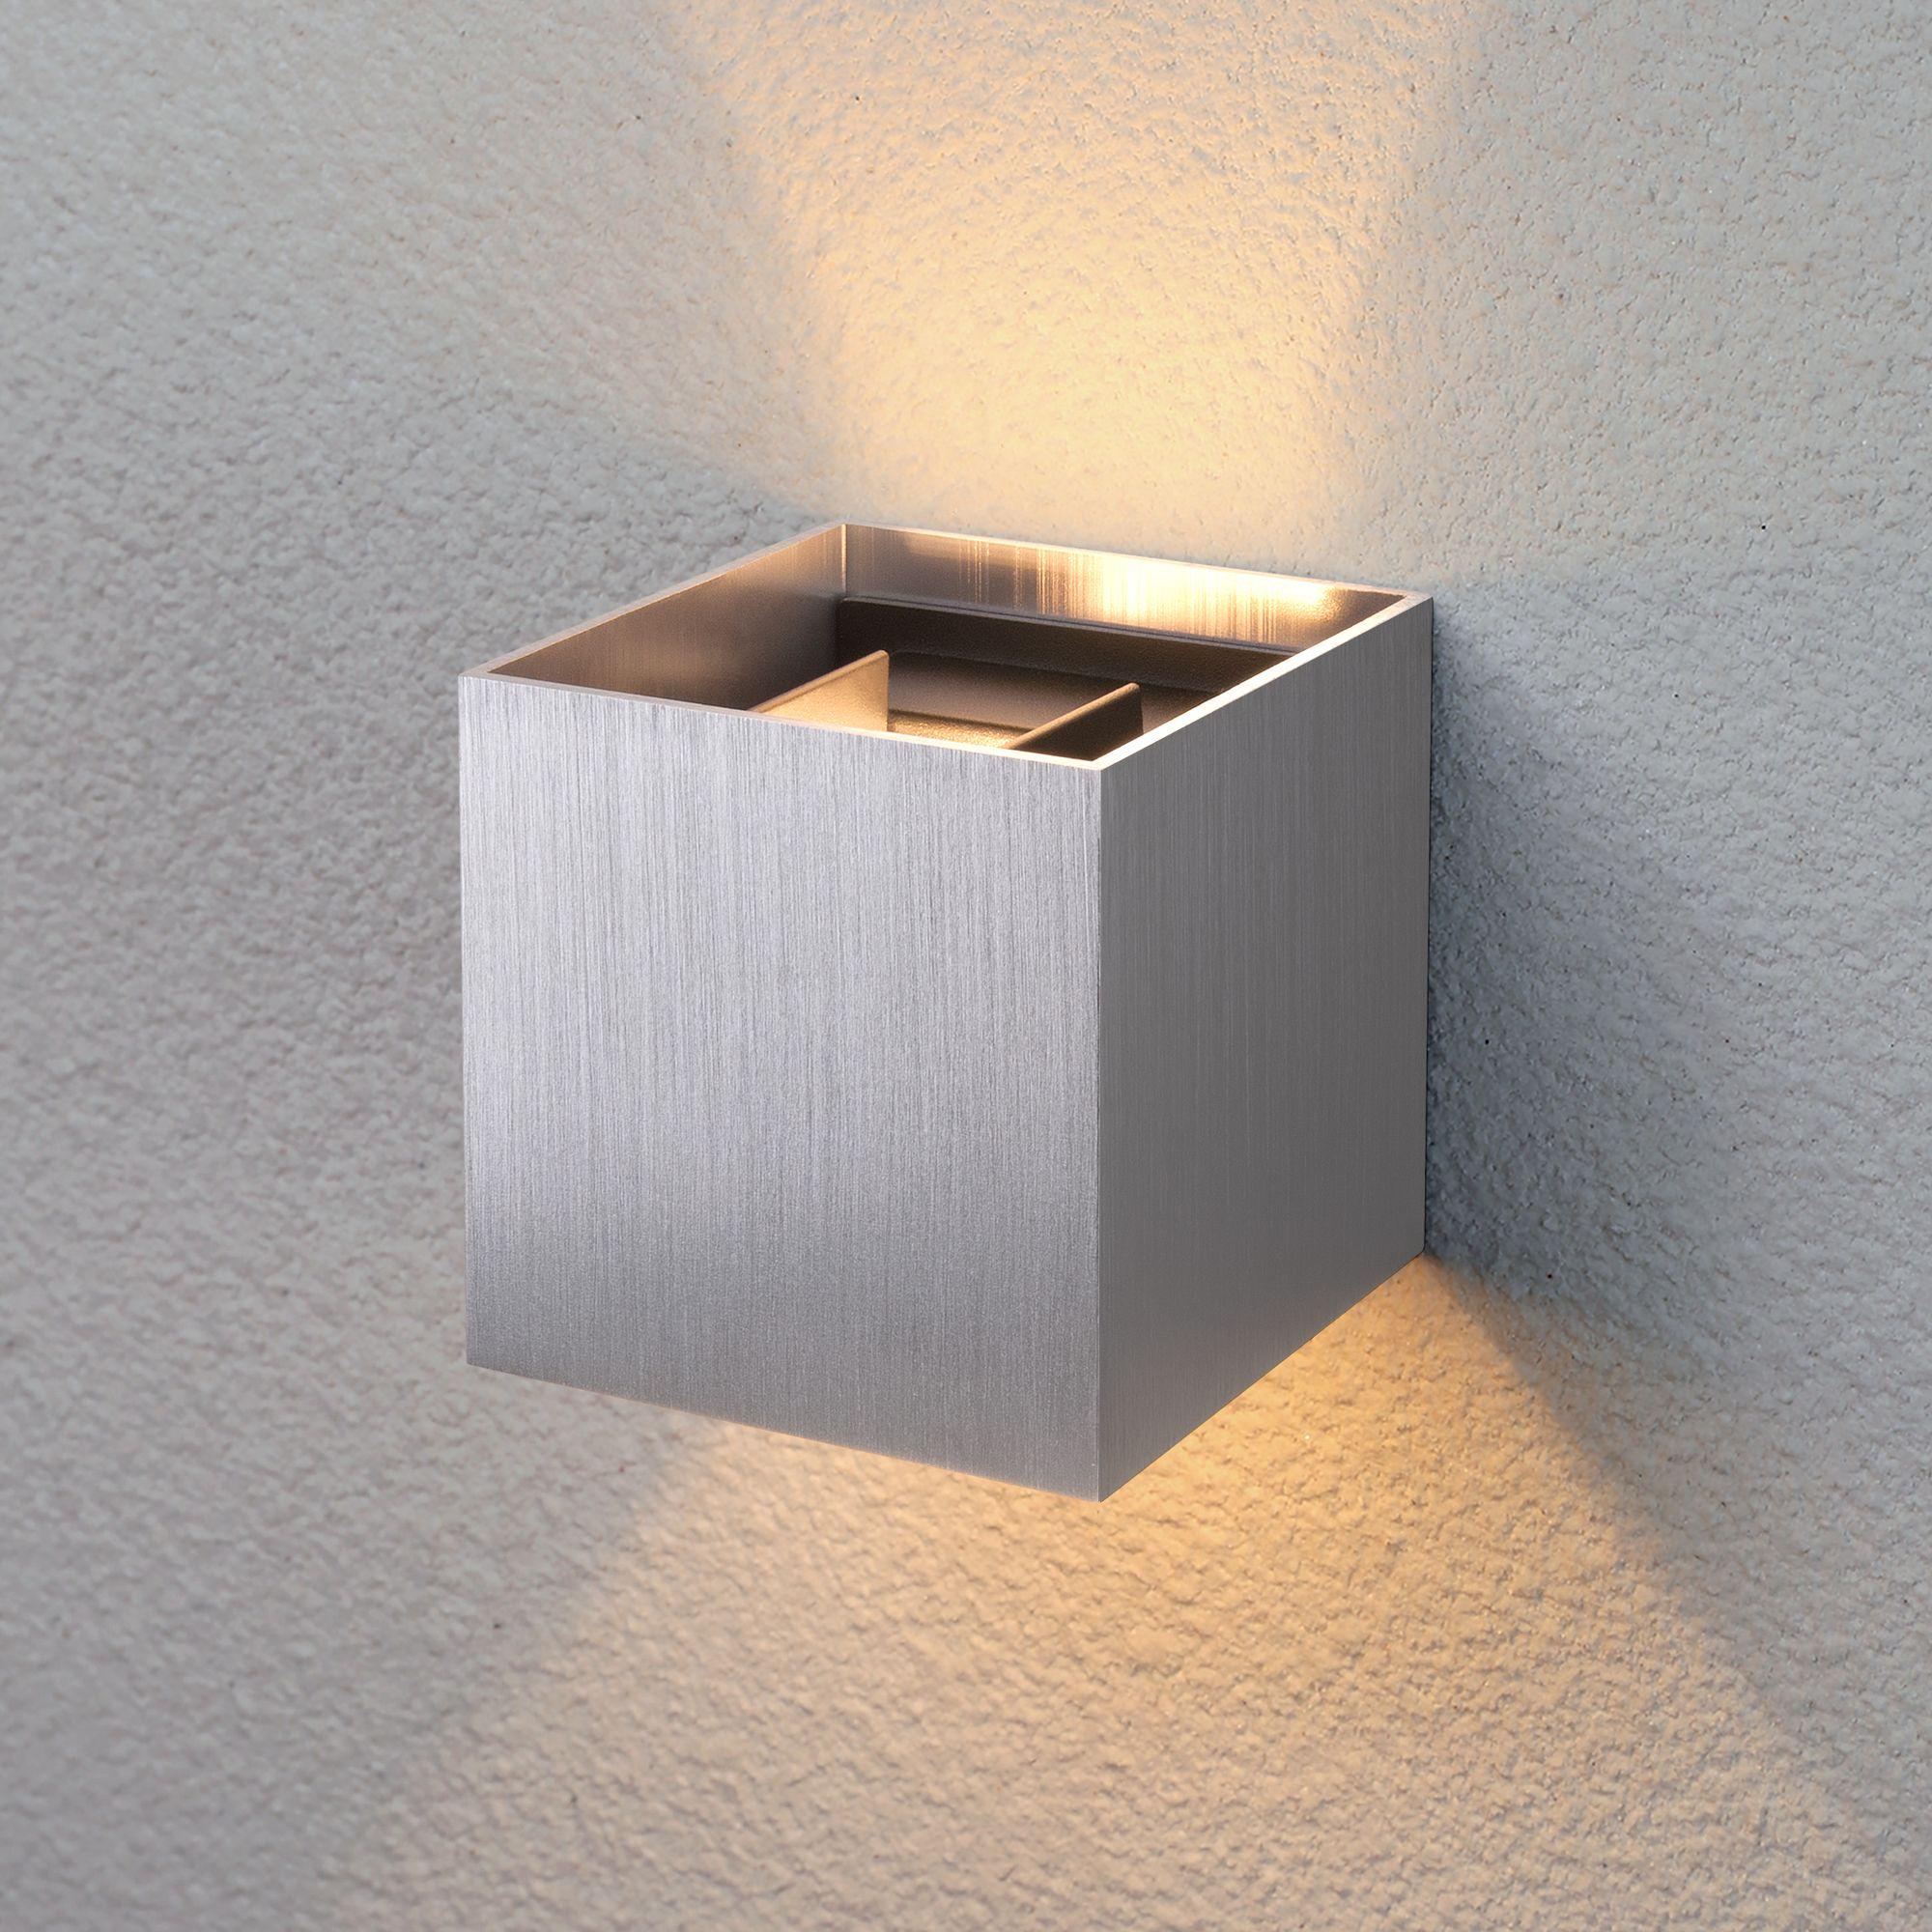 Уличный настенный светодиодный светильник 1548 TECHNO LED WINNER алюминий 1548 TECHNO LED WINNER алю